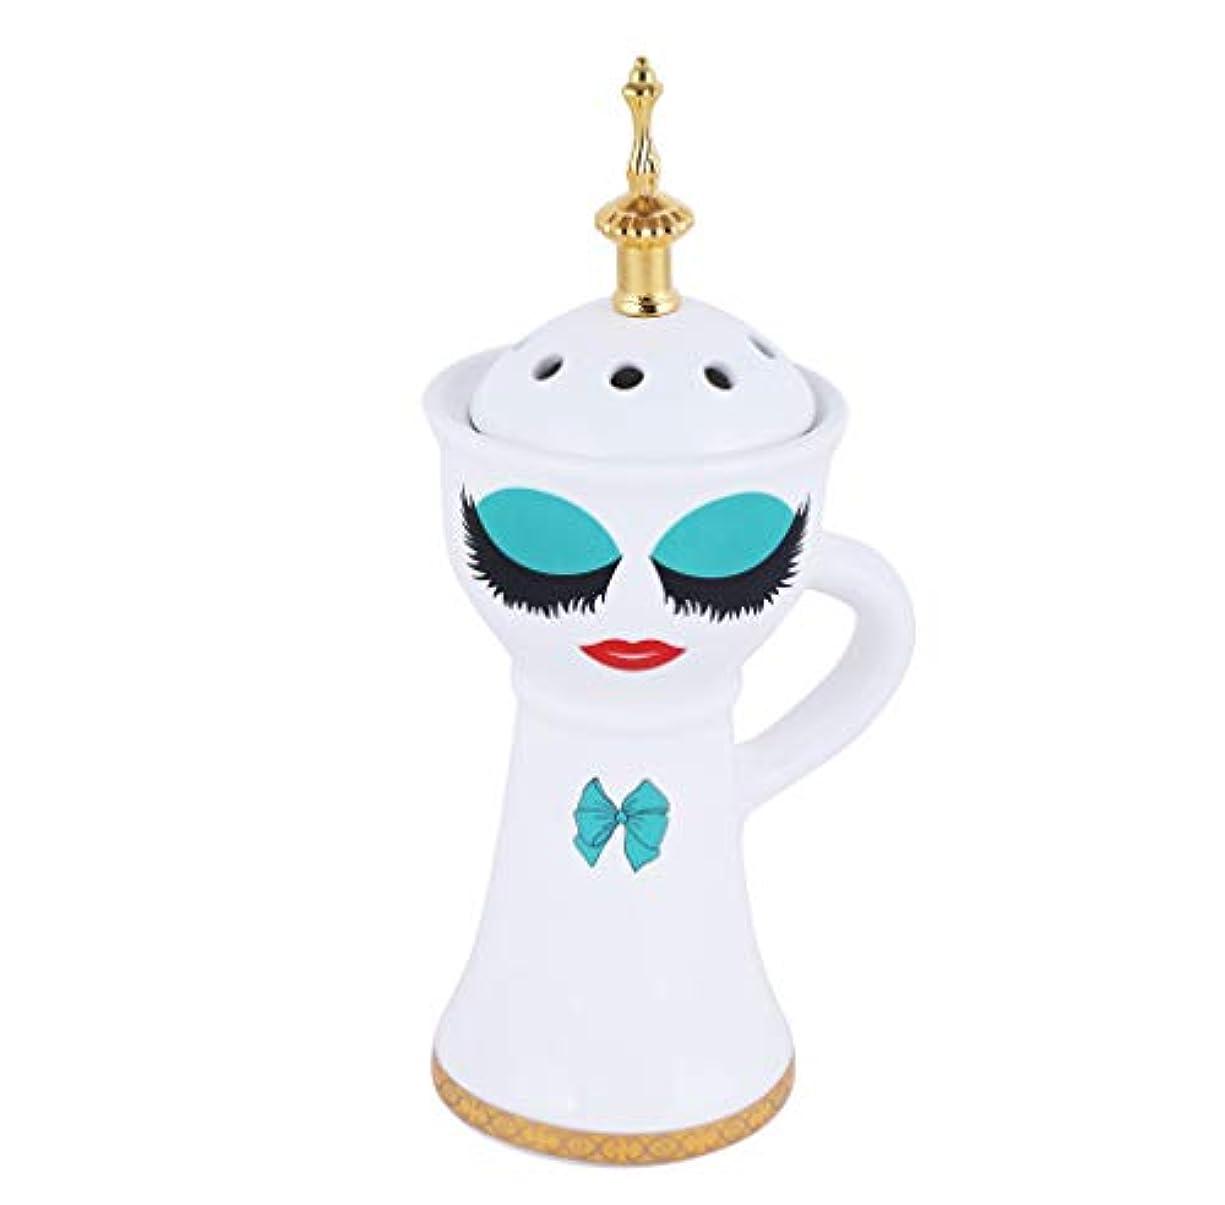 学部長純粋な灰Nexxa Beautiful Ceramic Incense Bakhoor/Oud Burner Frankincense Incense Holder with Attractive Eyes, Non Electric, Best for Gifting IB-026 (Blue)